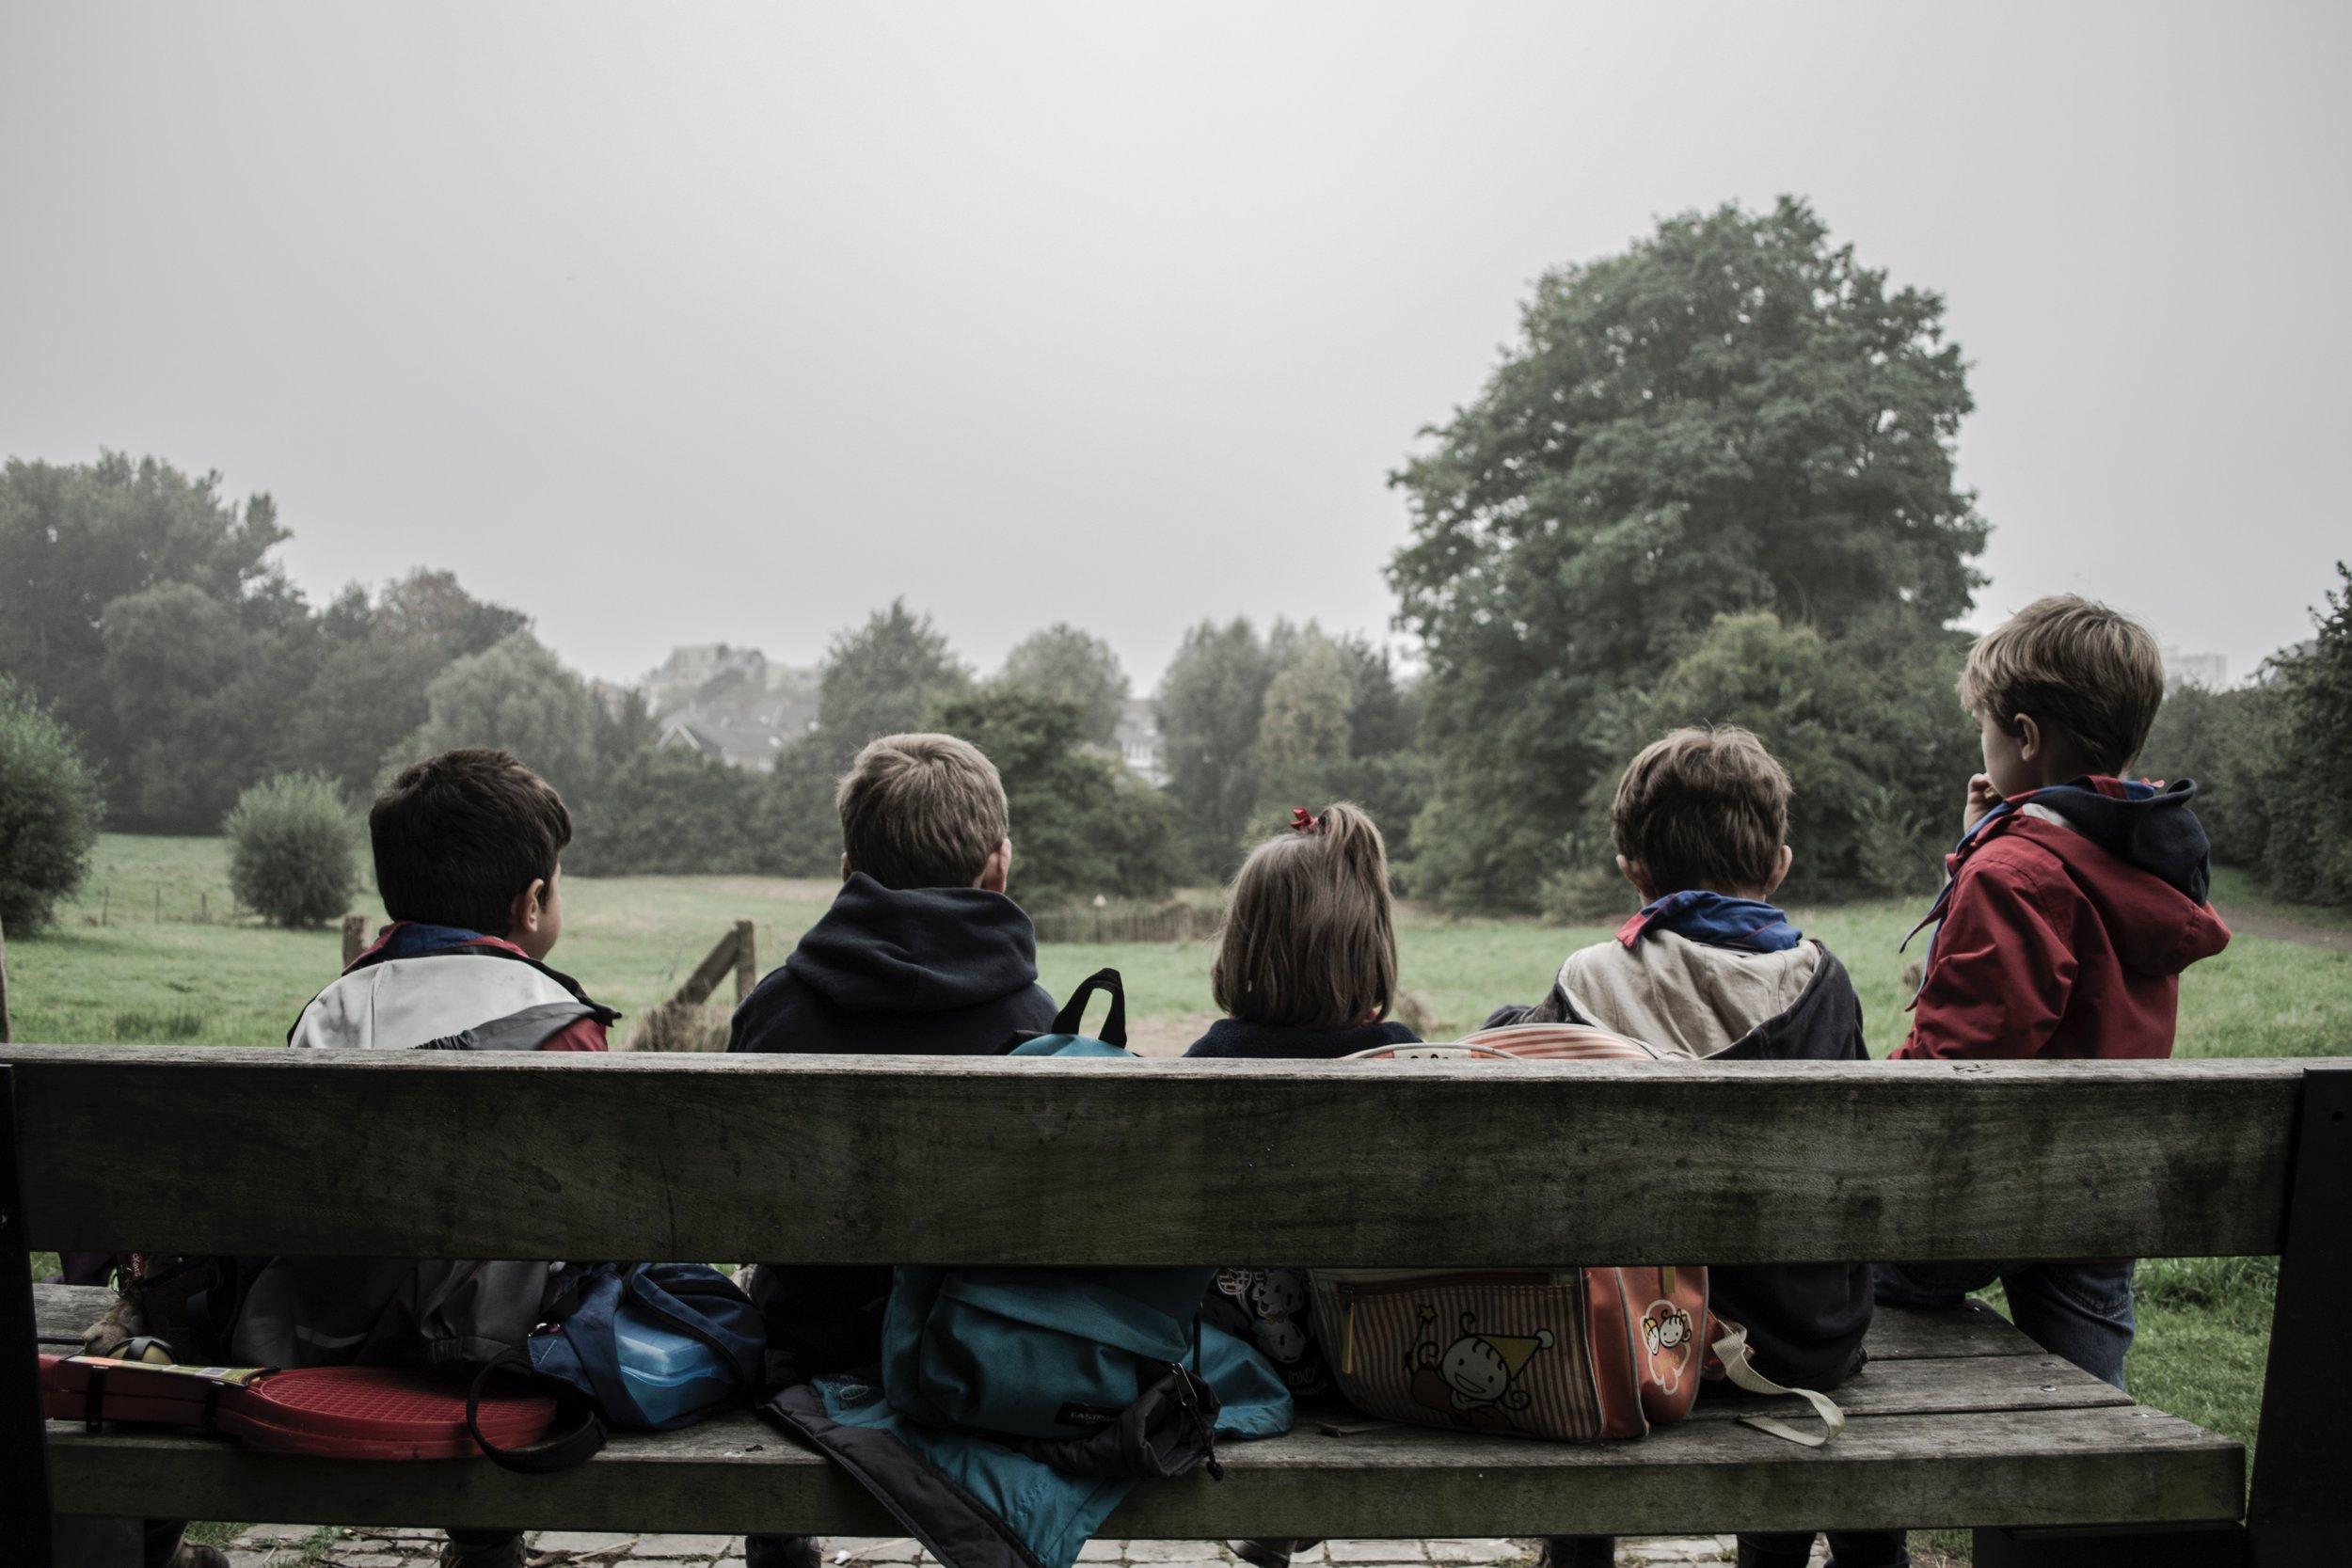 Wald und Wiesen gibt es auch ganz in der Nähe ... wir sind schon dabei und machen unsere Pläne von Schule bald wahr.